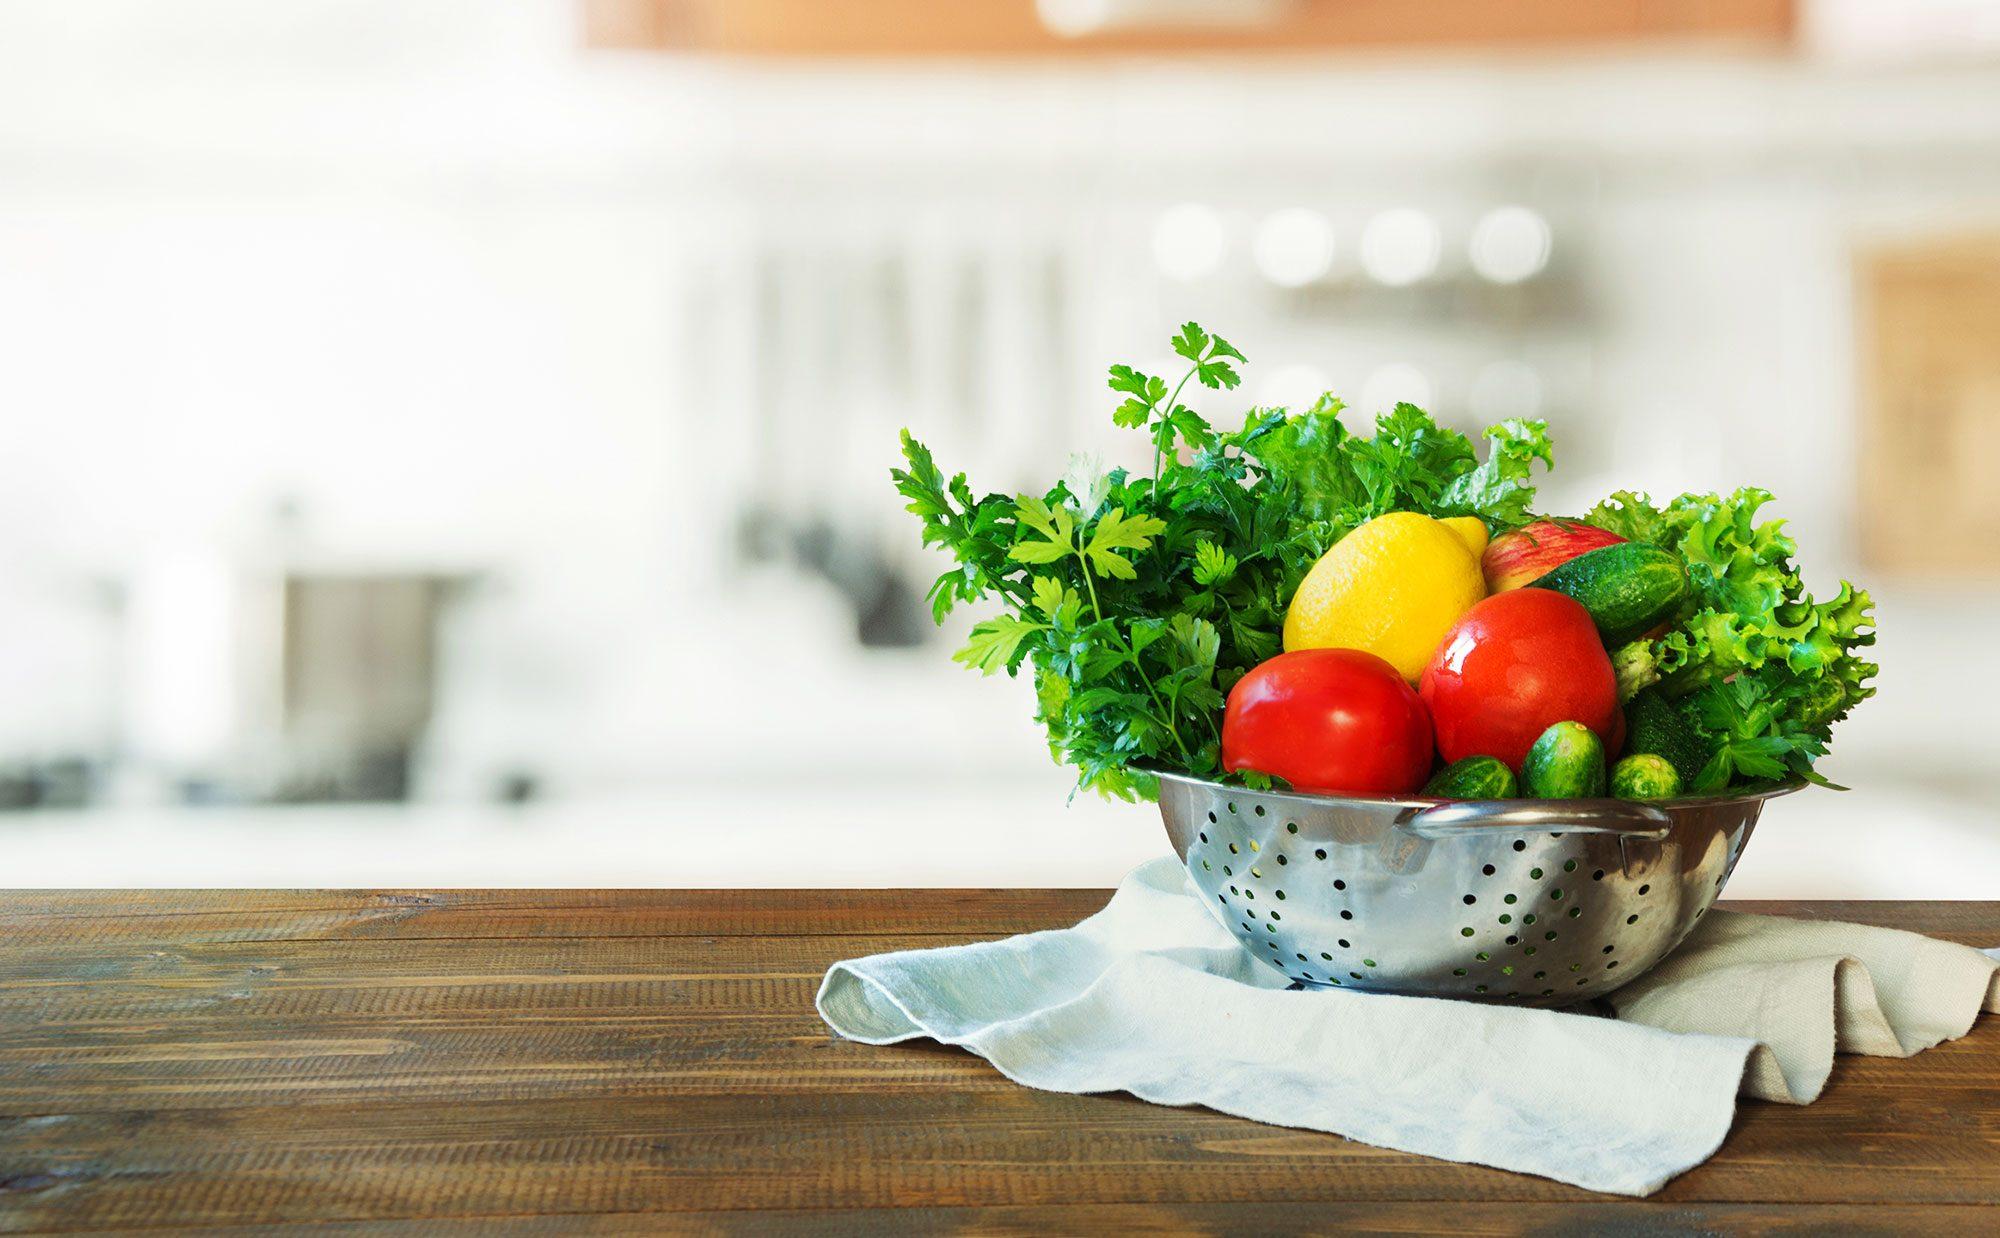 旬の食材を自宅で楽しみたい!おすすめ簡単レシピと保存方法